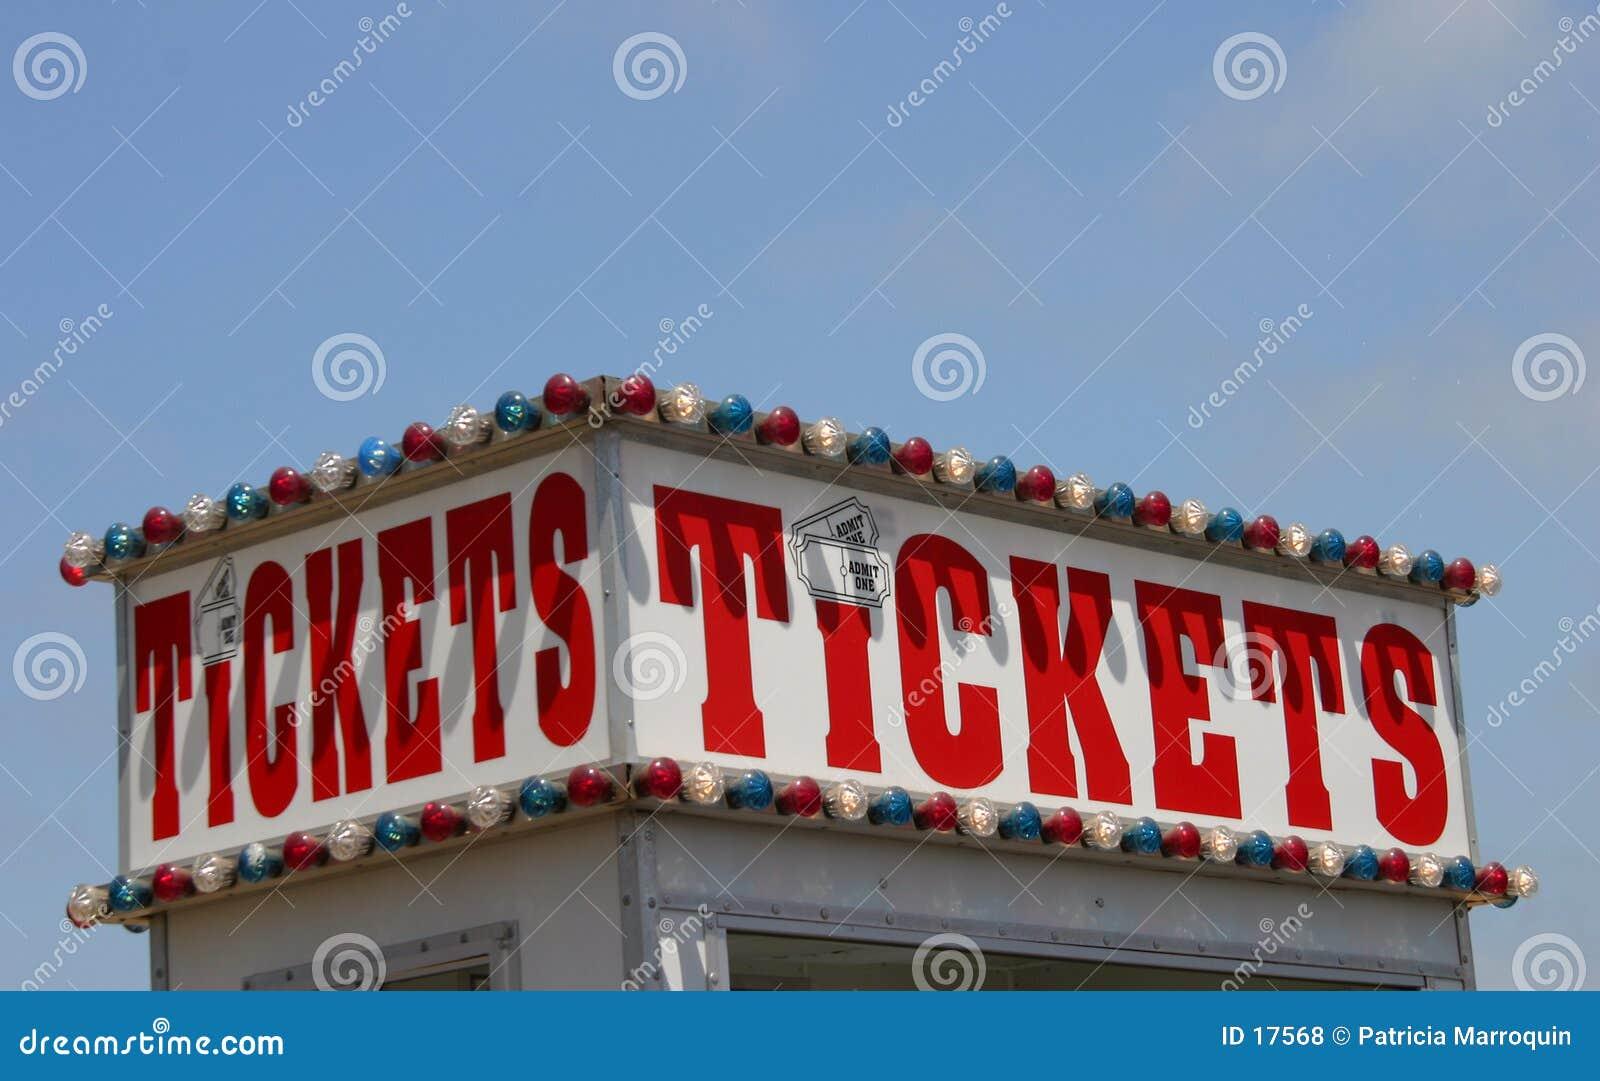 Ottenga i vostri biglietti qui